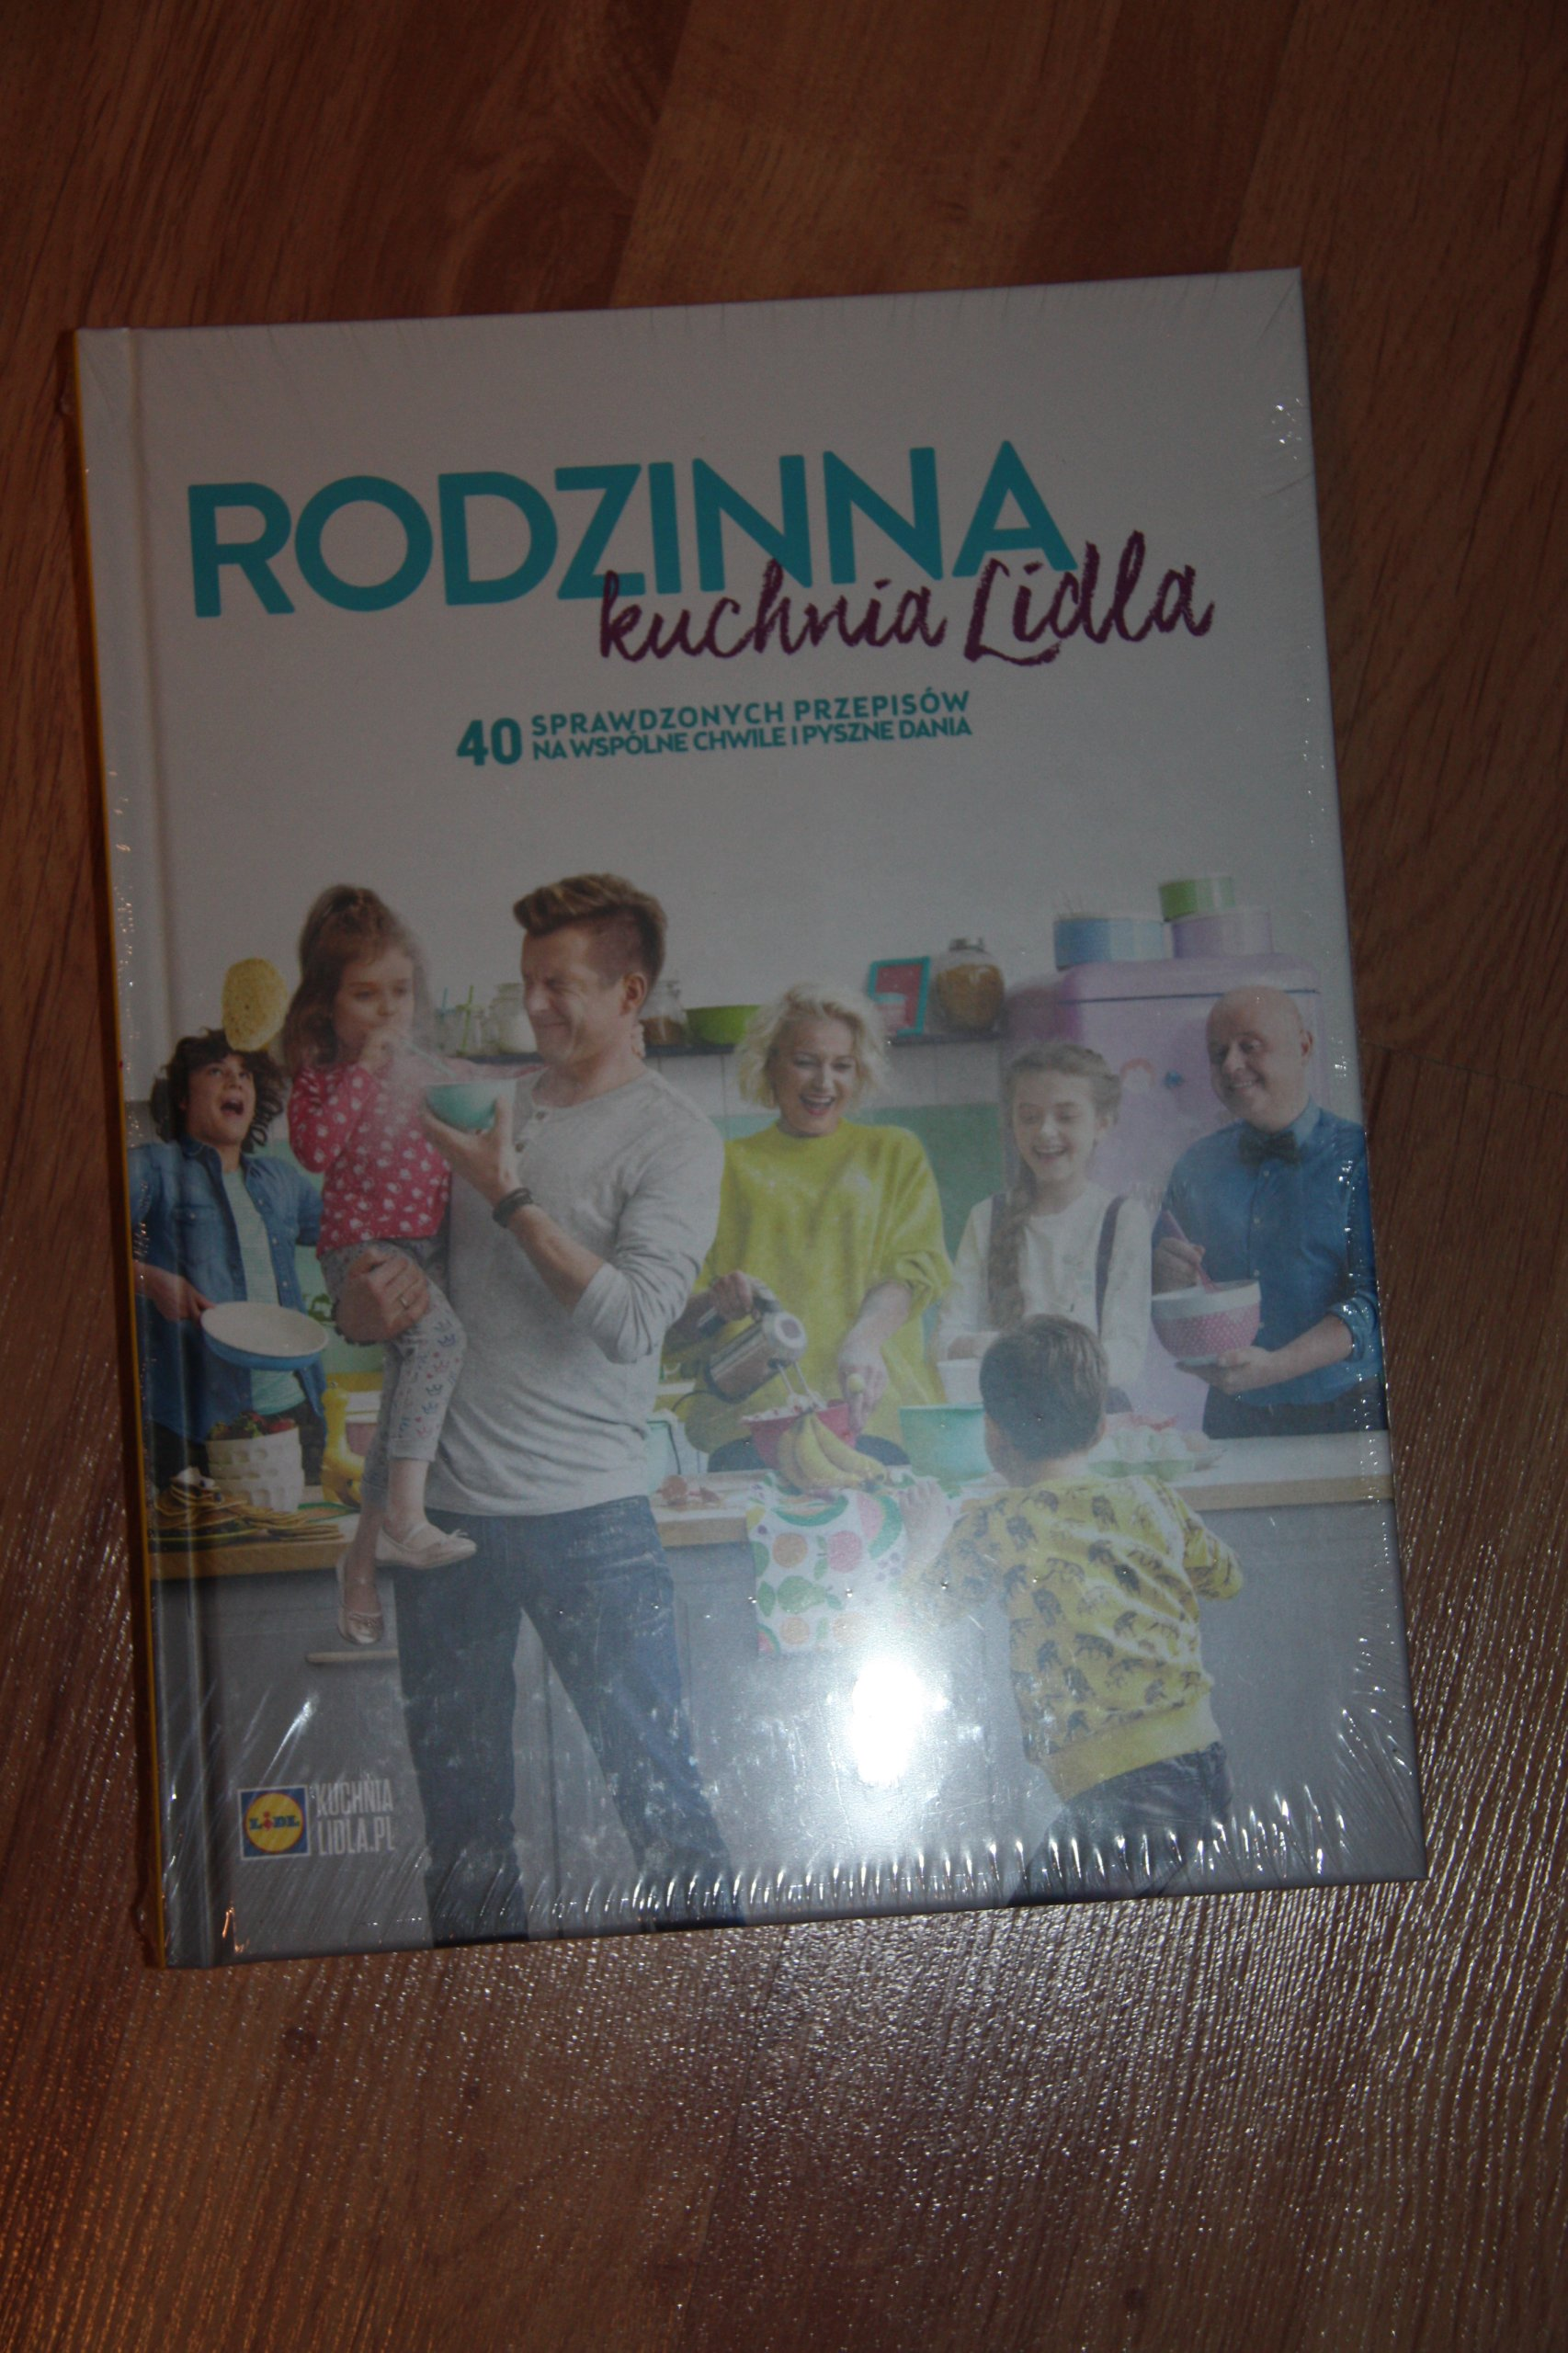 Lidl Książka Rodzinna Kuchnia Lidla Nowa 7294063050